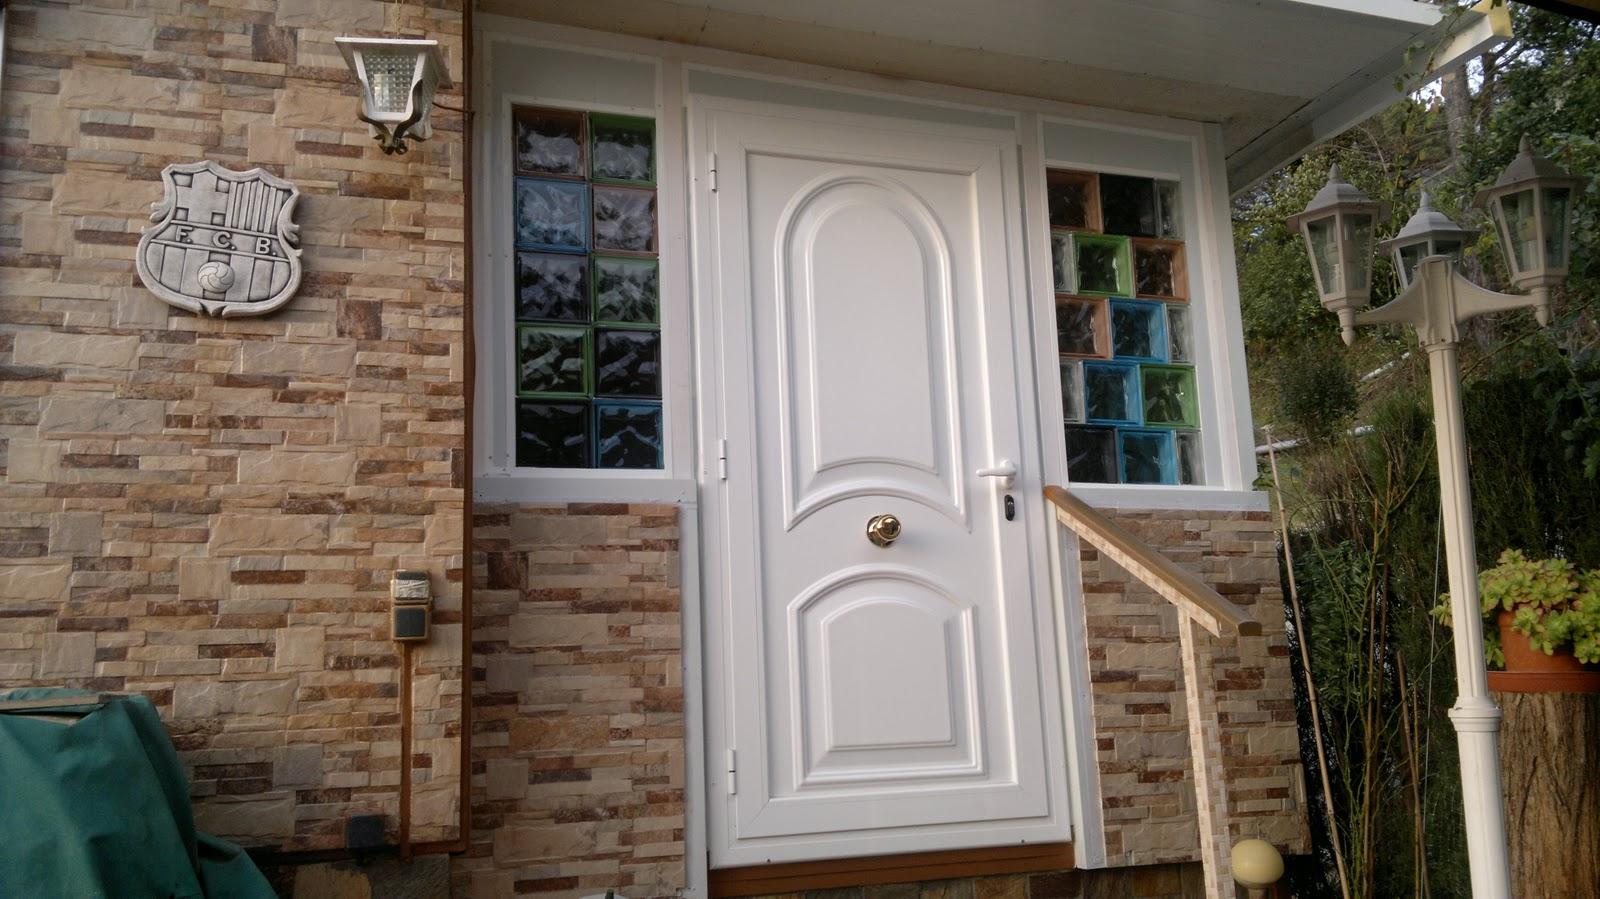 Portes d'entrada  La porta d'accés a la vivenda és clau per a la seguretat, aïllament i l'estètica de l'entorn de la llar. Per aconseguir una porta segura confiem en els panys de 3 punts amb bombins amb claus de de punts que combinats amb les frontises de seguretat creen un tancament de difícil accés per a persones no desitjades. A aquests complements hi podem afegir una planxa d'acer per blindar la fulla de la porta. L'aïllament sonor i tèrmic queda en mans de l'aïllament en porexpan d'alta densitat a l'interior en aquelles fulles cegues, combinat amb les juntes de goma amb interior d'espuma i els talla-aires en la part inferior. Estèticament adaptem la porta al conjunt decoratiu de la llar, podent incorporar diferents materials que detallem a continuació en tres grups. Aquests materials determinaran l'estètica i el manteniment necessari per a una bona conservació de la porta.